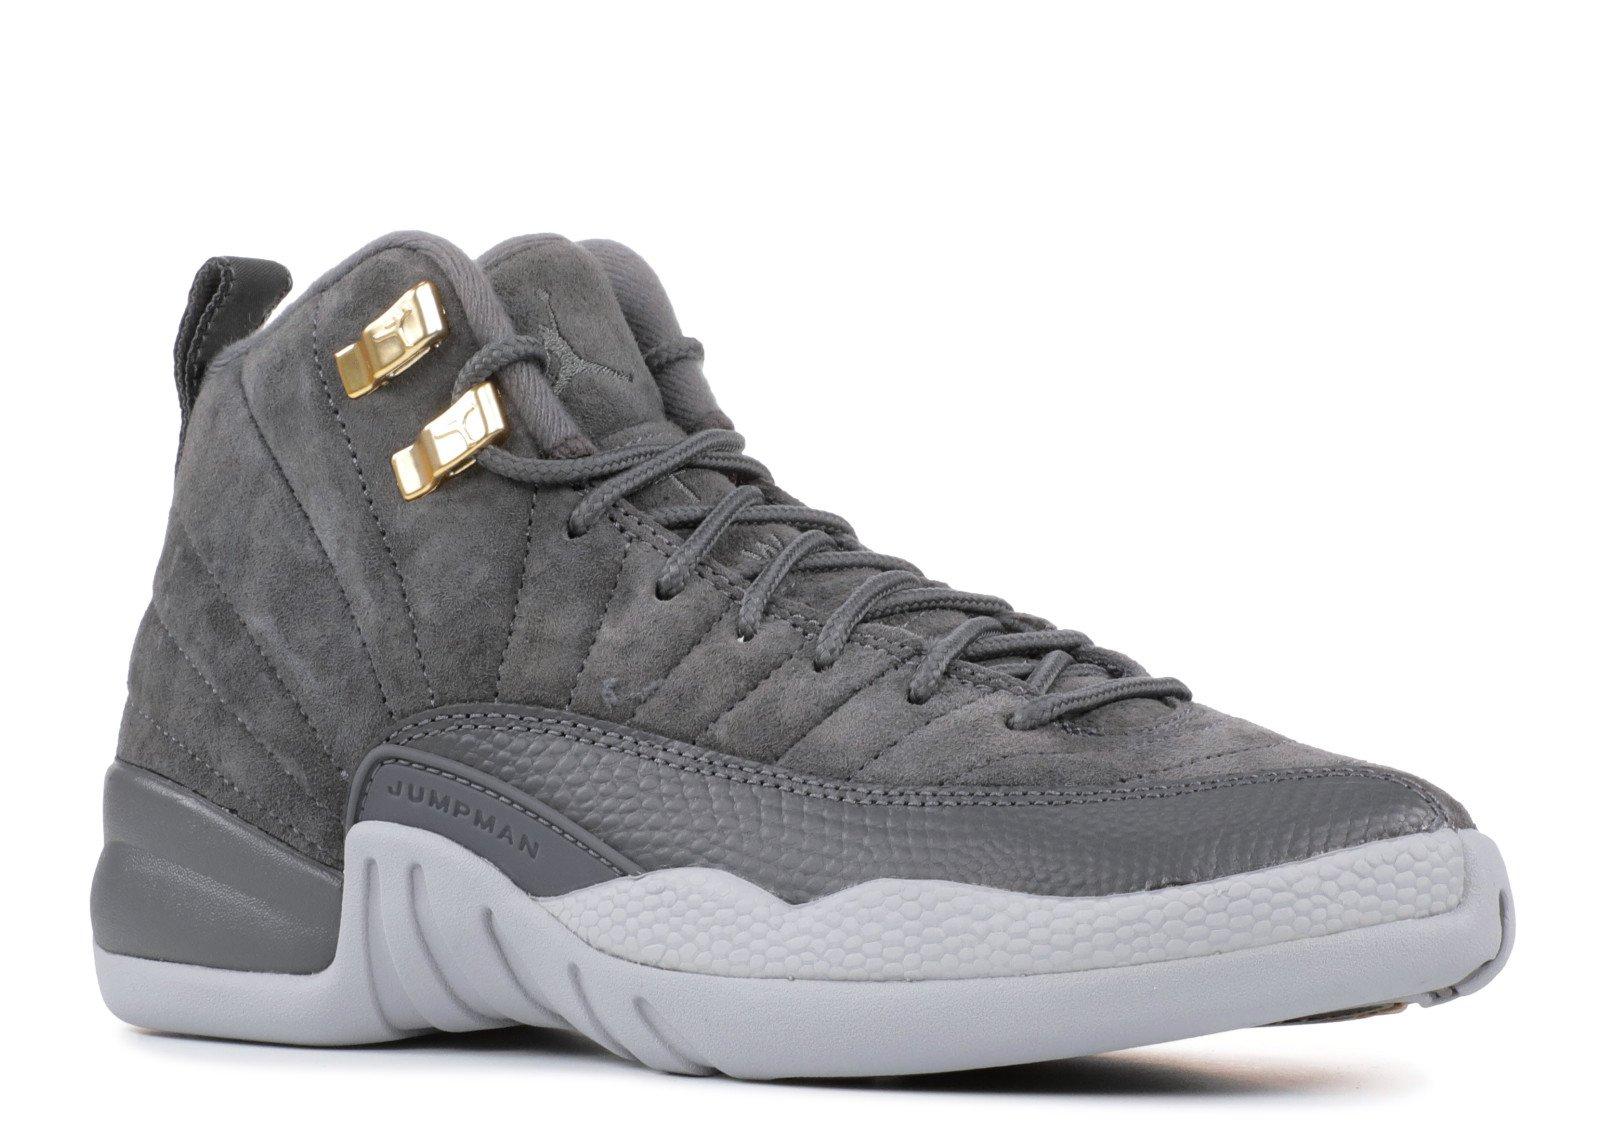 purchase cheap d222a bb485 Galleon - NIKE Jordan Air 12 Retro (BG) Big Kids Shoes Dark ...